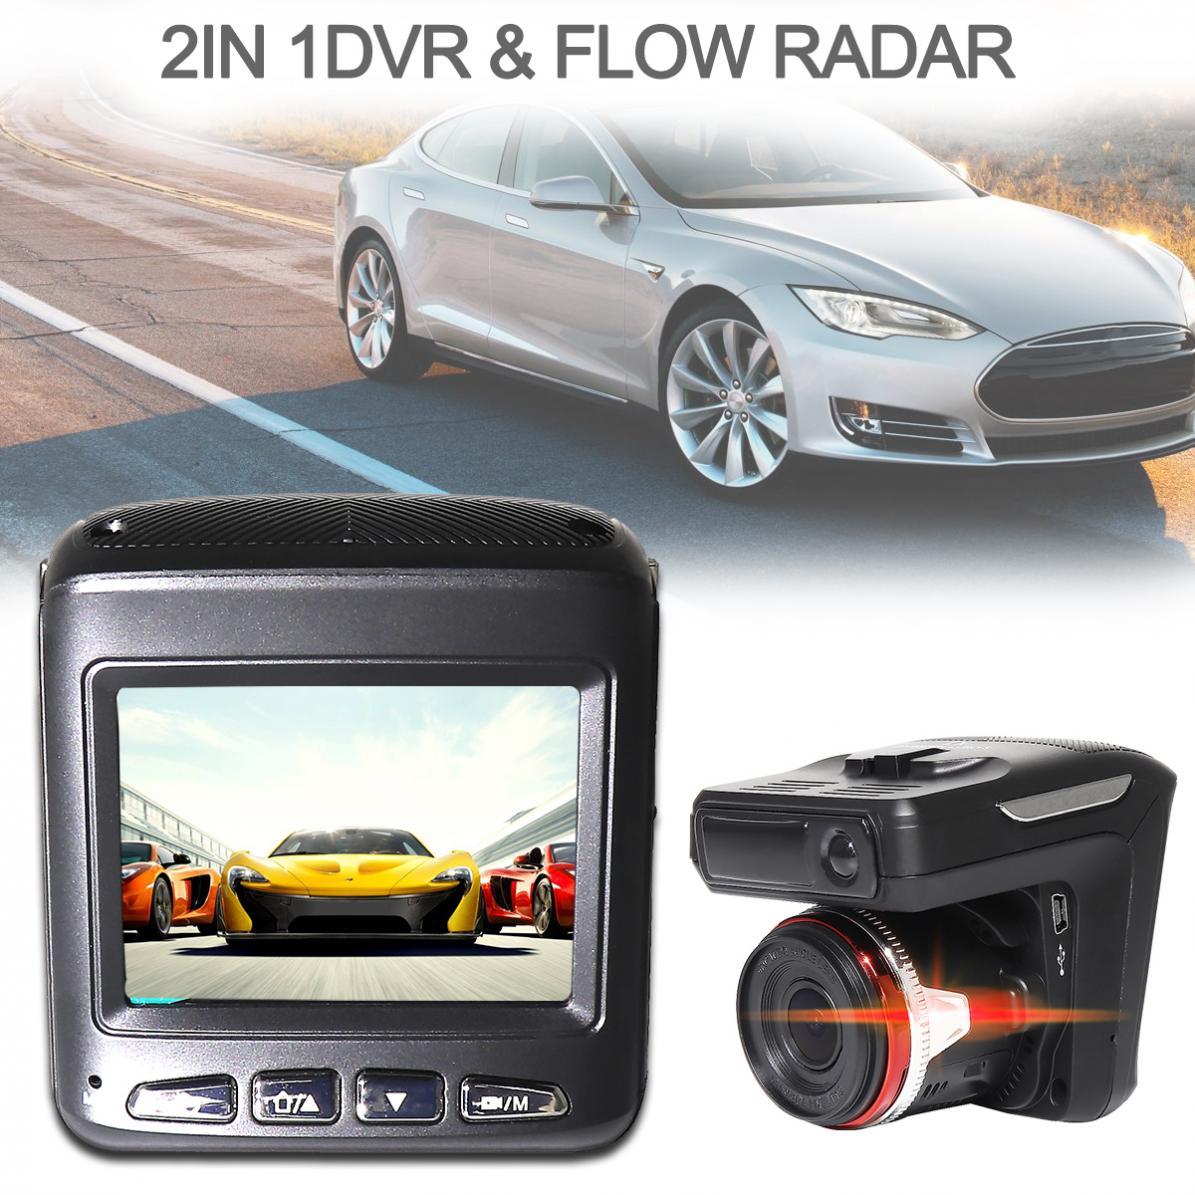 2 en 1 voiture DVR Radar détecteur g-senor voiture-détecteur caméra HD 1280P vitesse caméra détecteur Antiradar russe/anglais